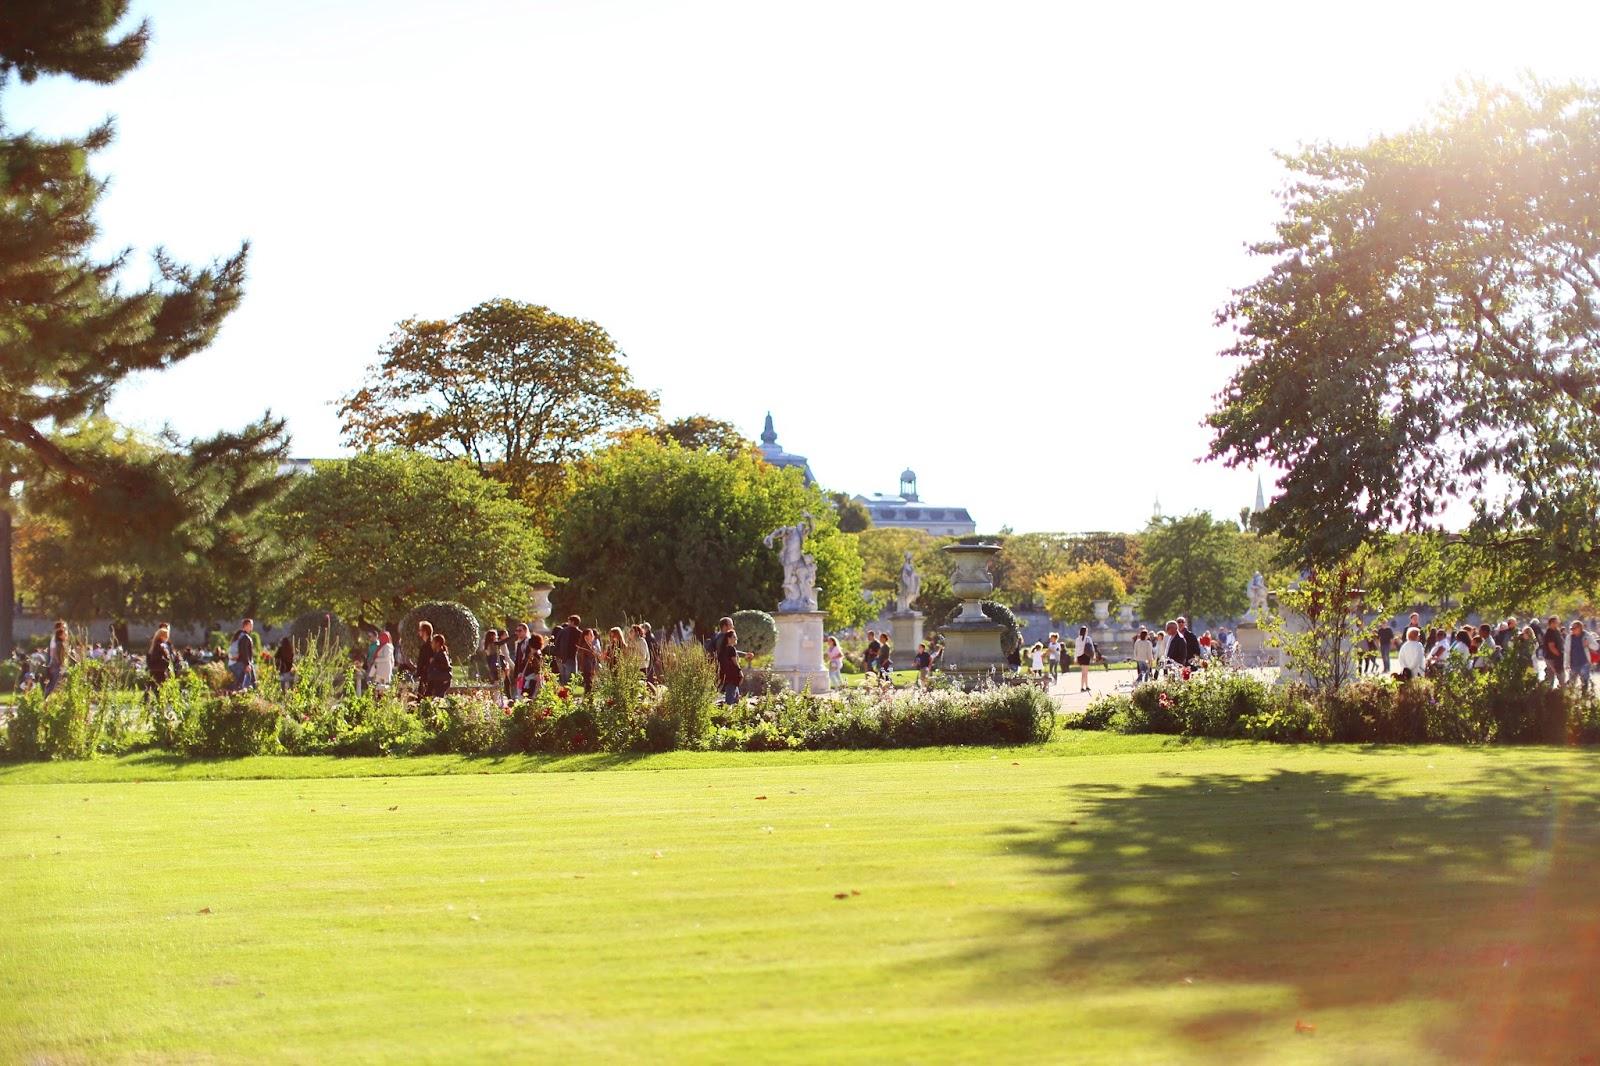 Louise paris et indien au jardin des tuileries for Au jardin des tuileries